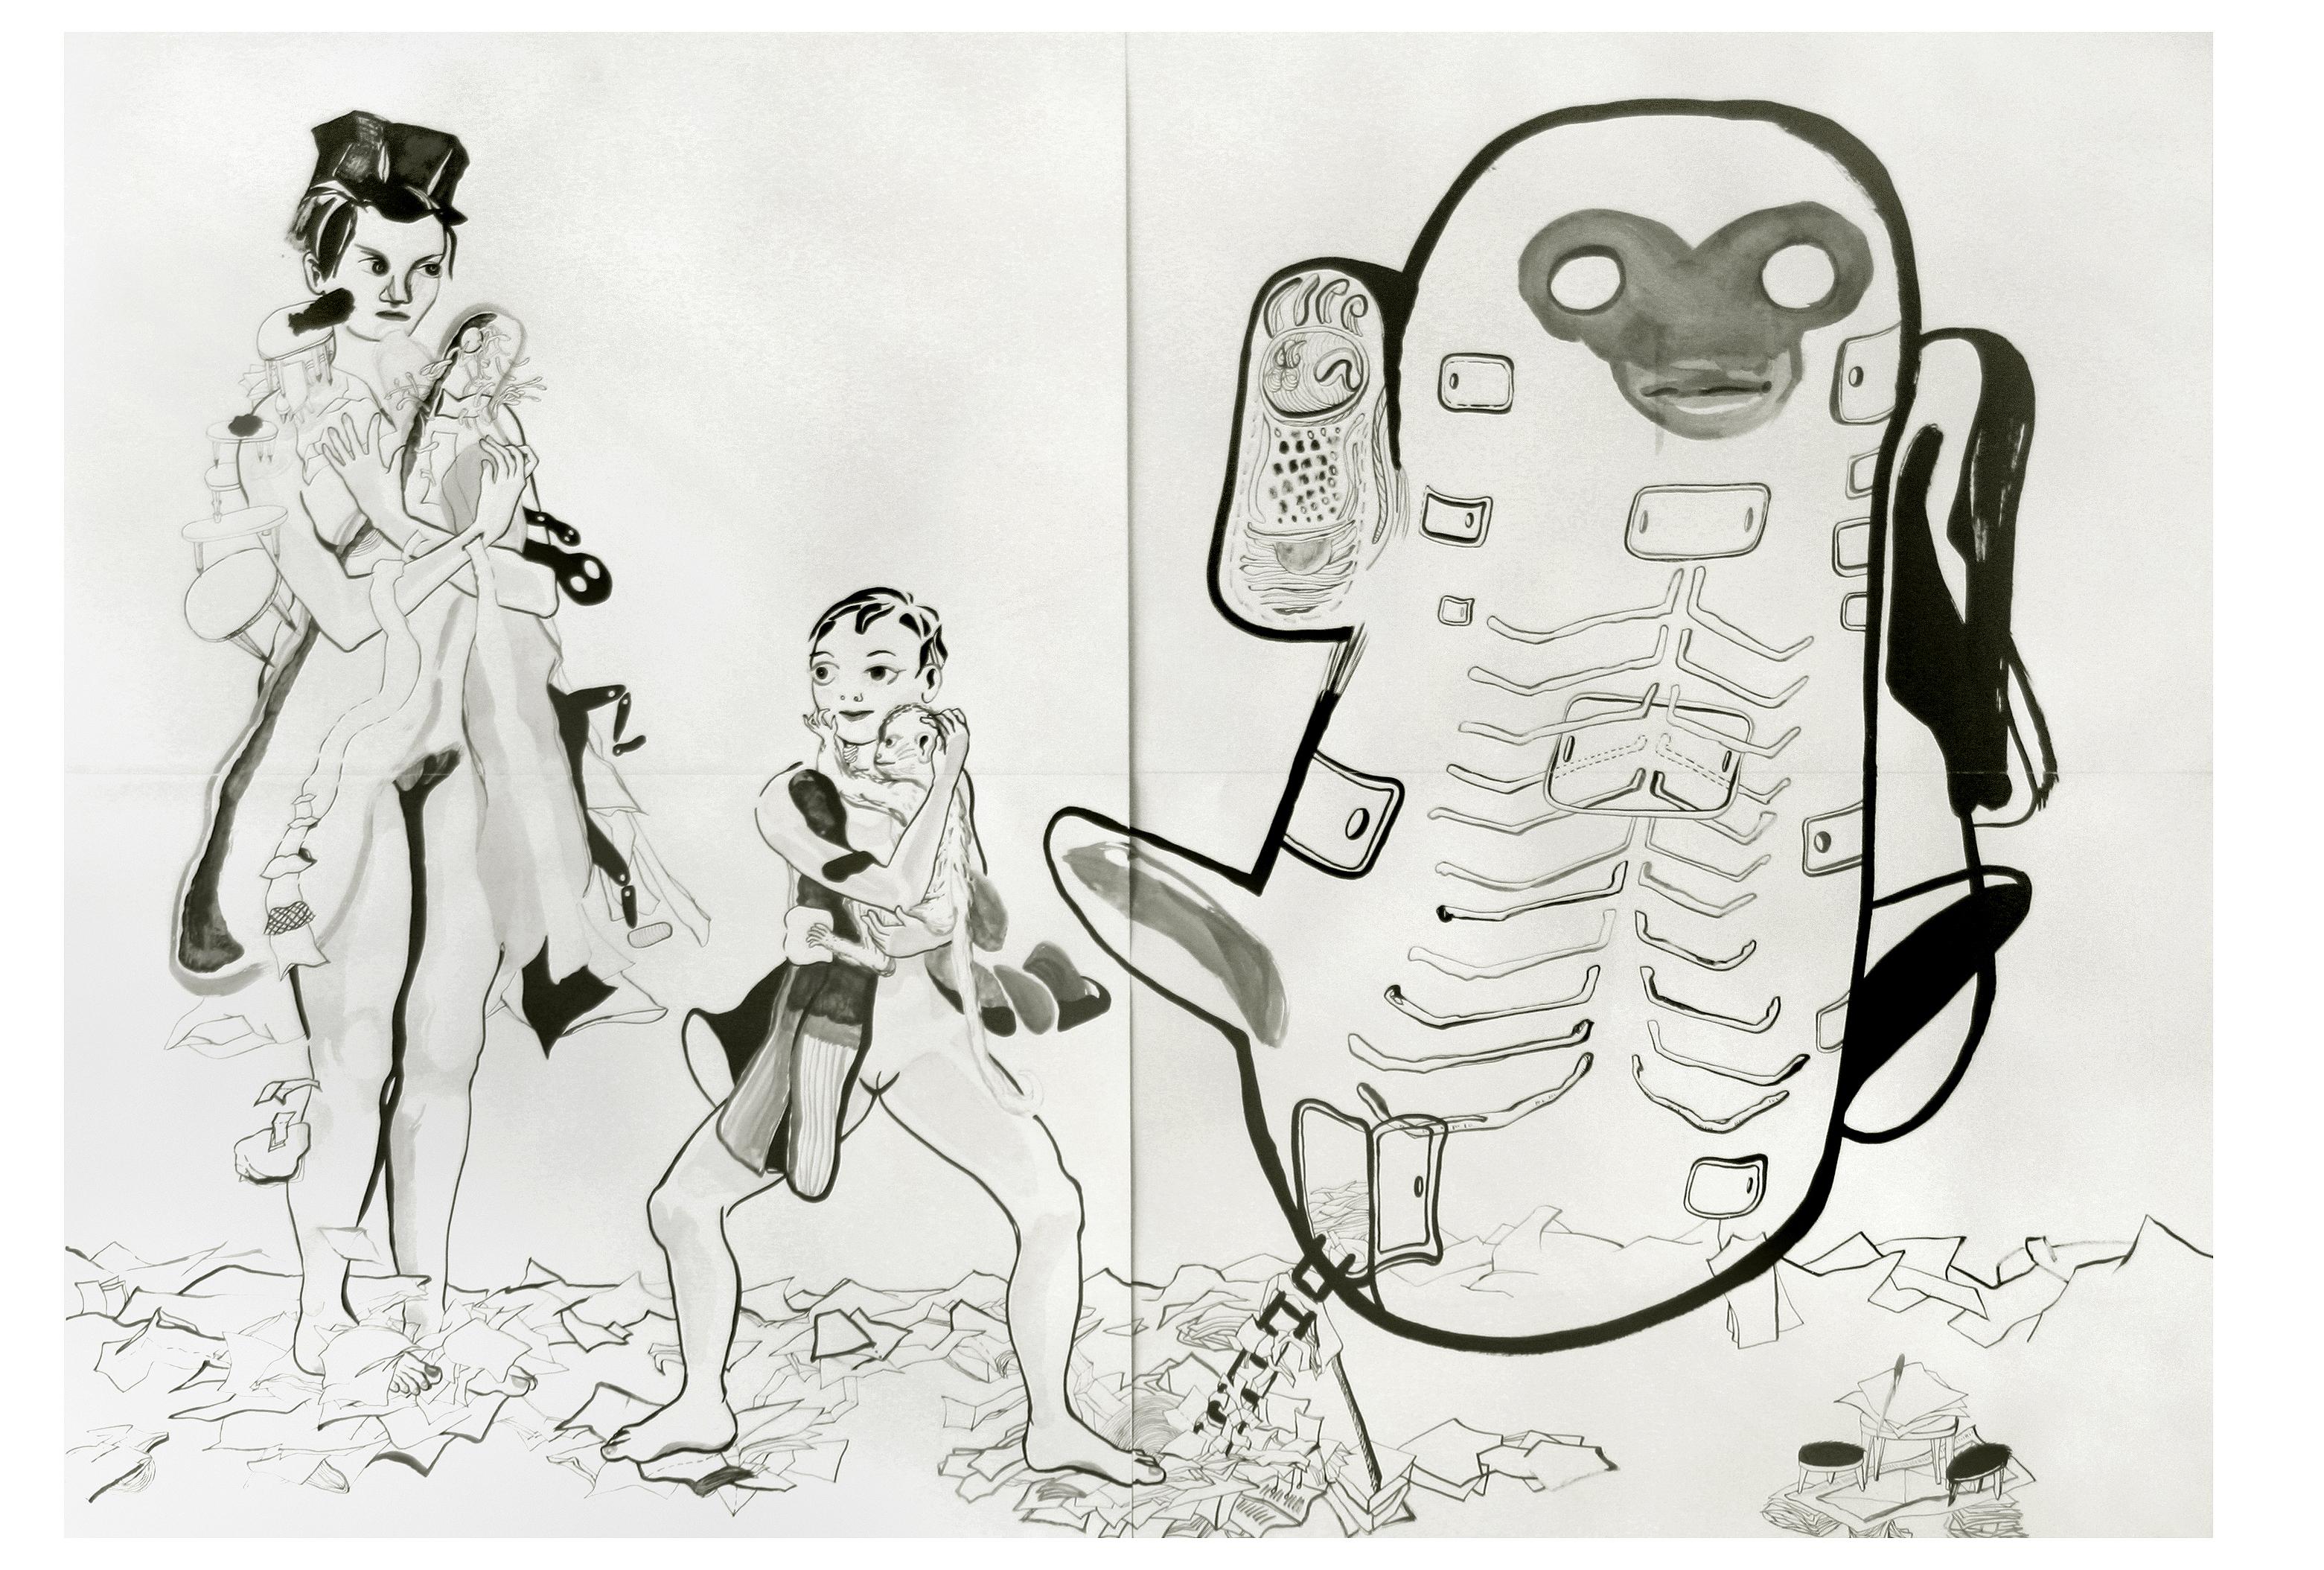 Capsule, inkt op papier 2002, 2.00 x 2.80 m